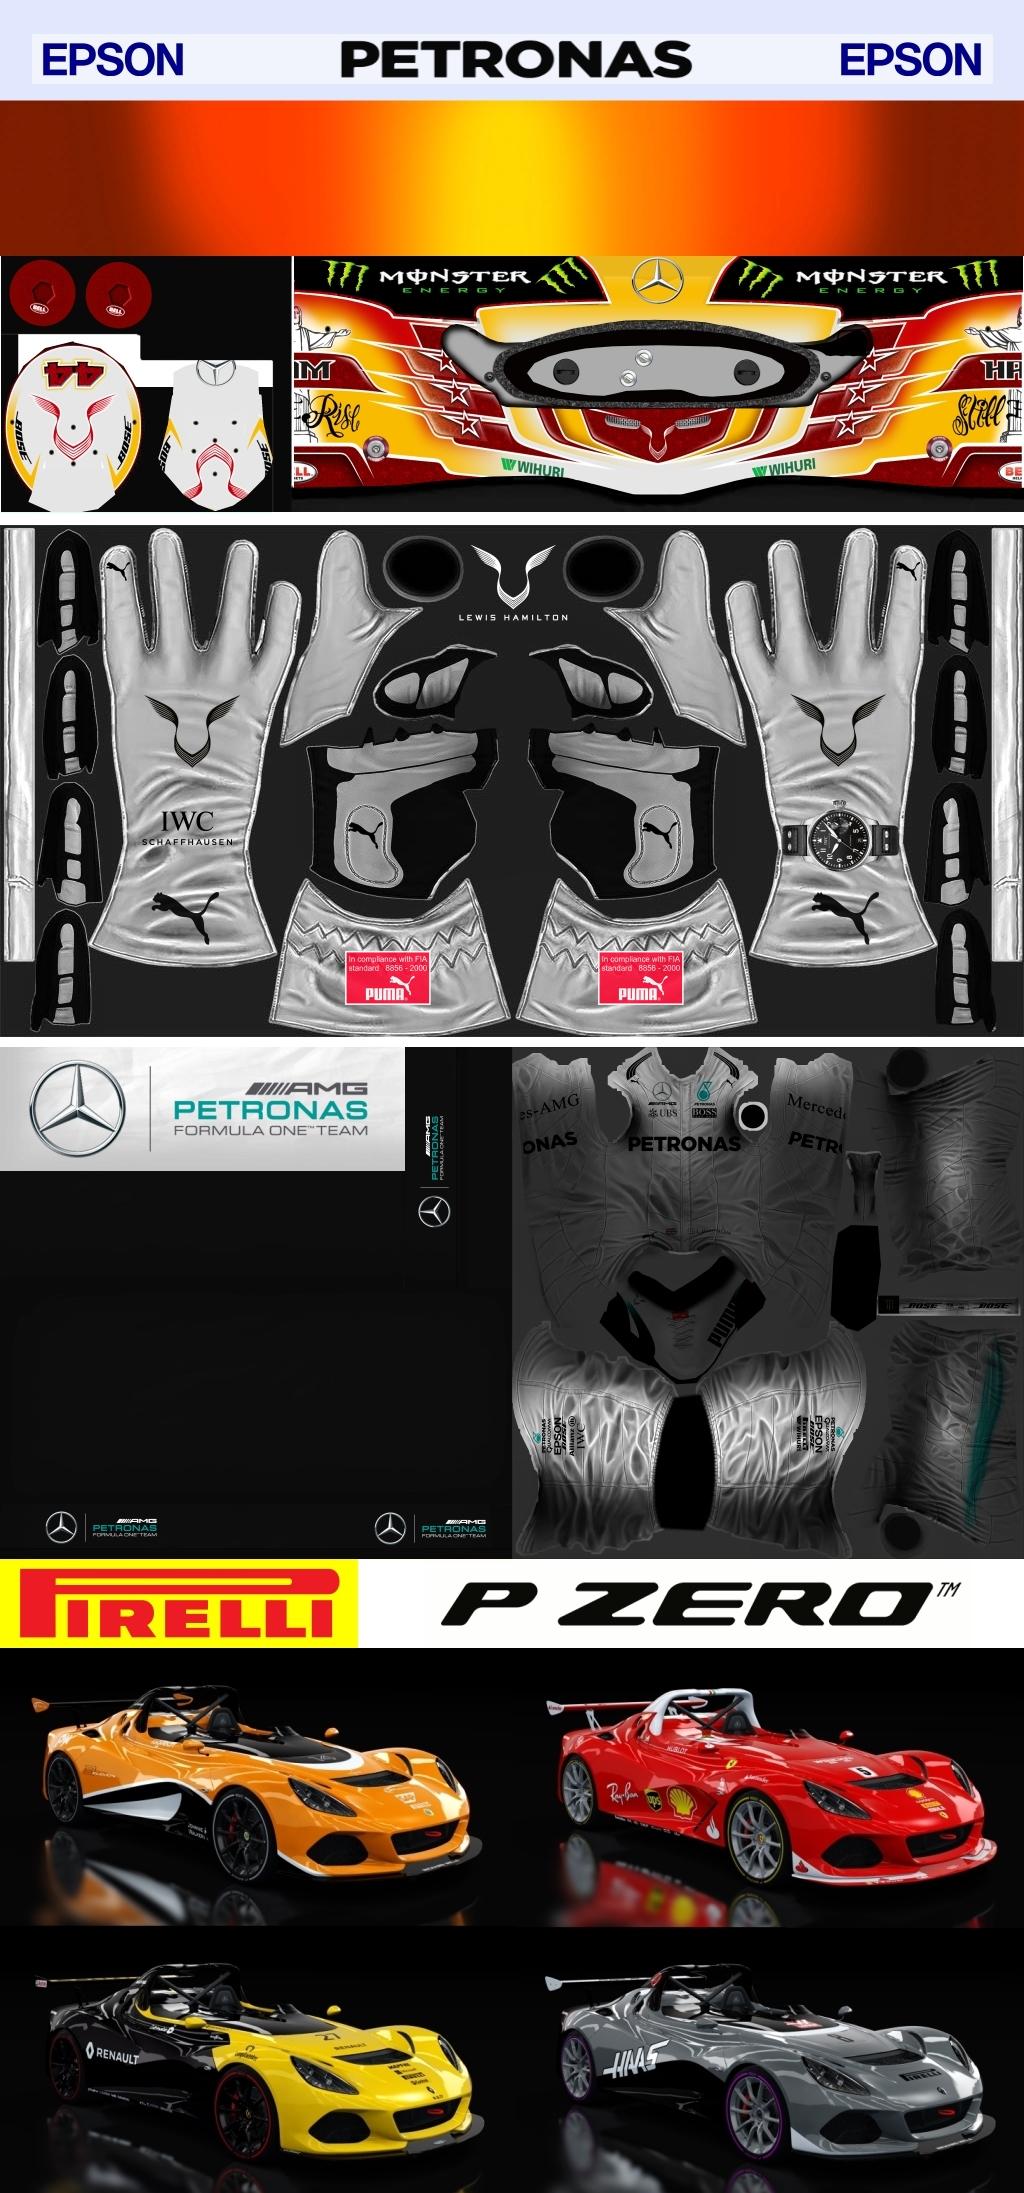 Lotus_3_Racing_Race_Suit_Gloves_Fernando_Alonso_Helmet.jpg